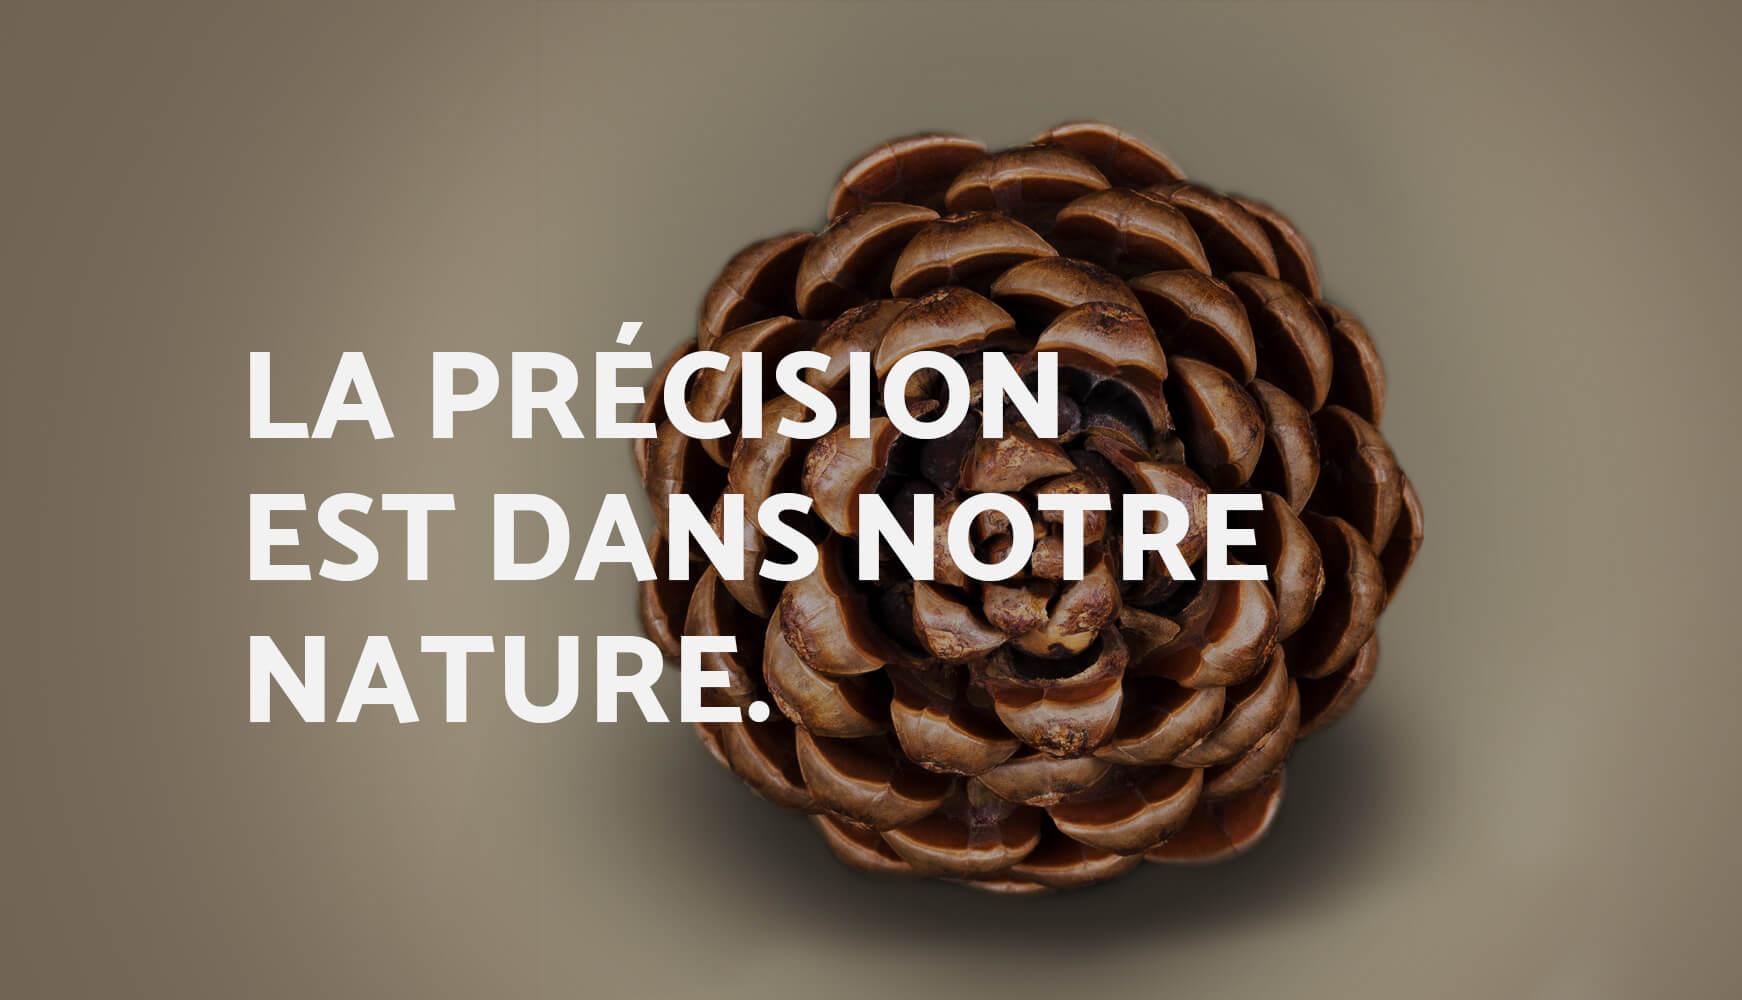 La précision est dans notre nature.